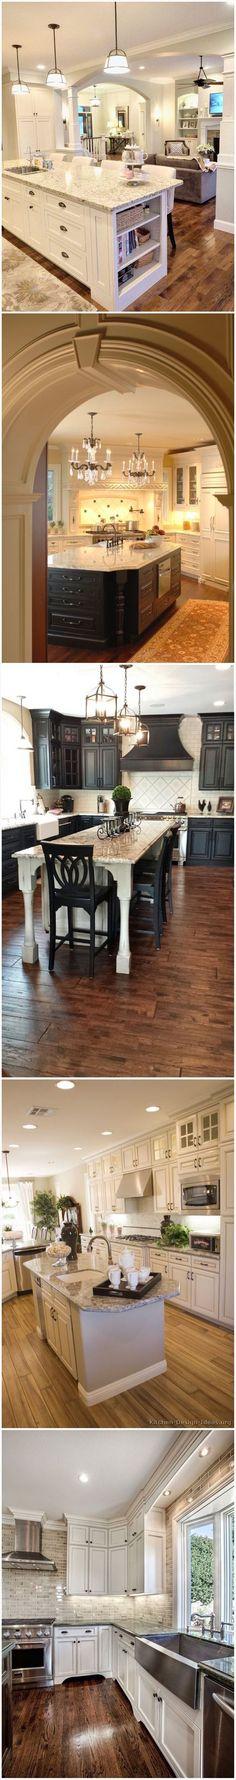 Exceptional modern kitchen design ideas.